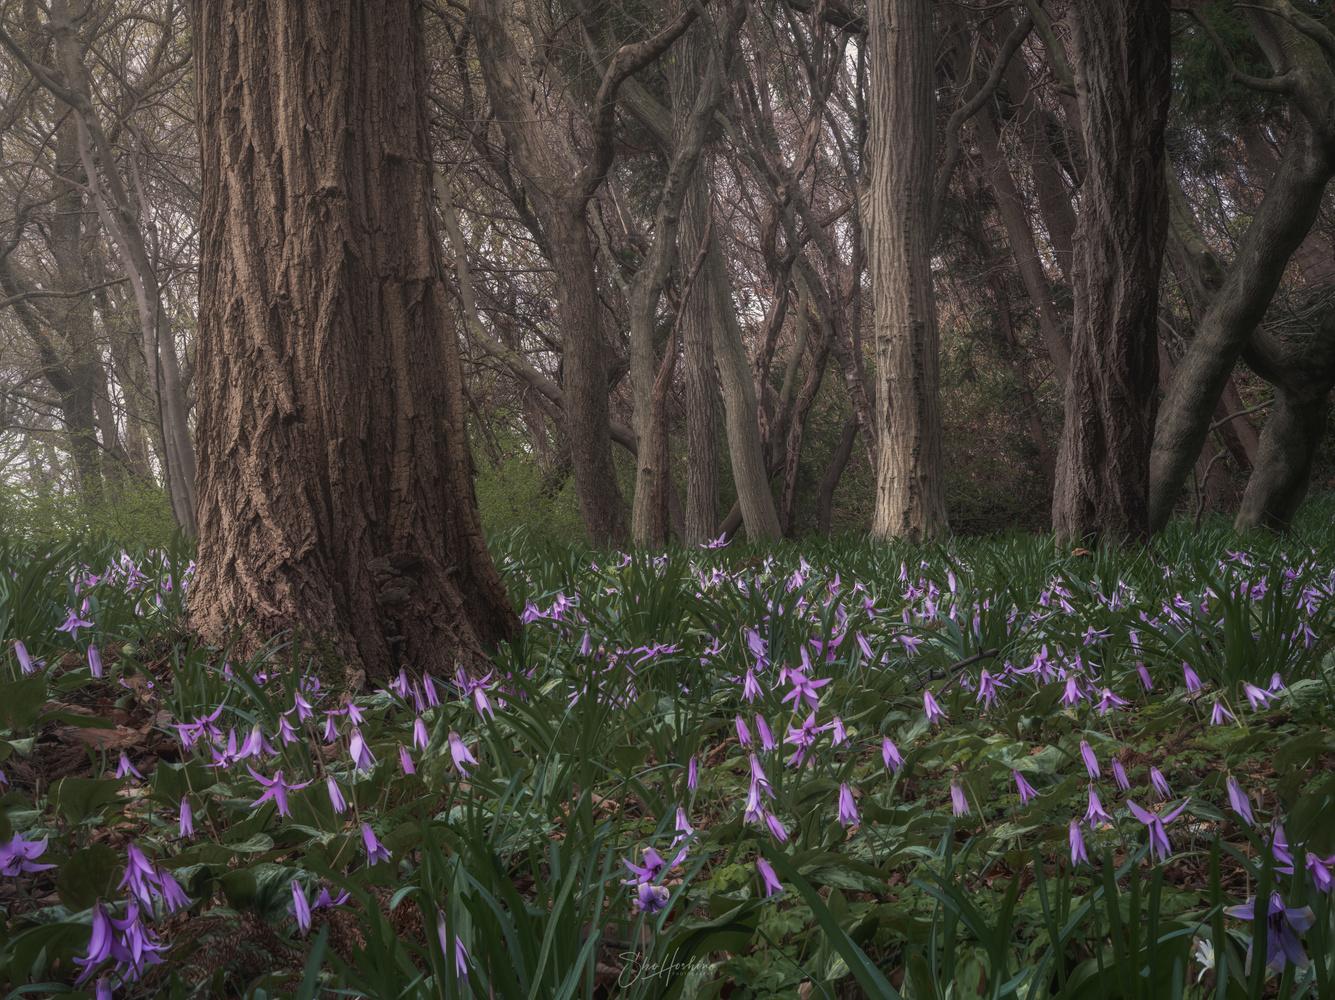 Katakuri Forest by Sho Hoshino